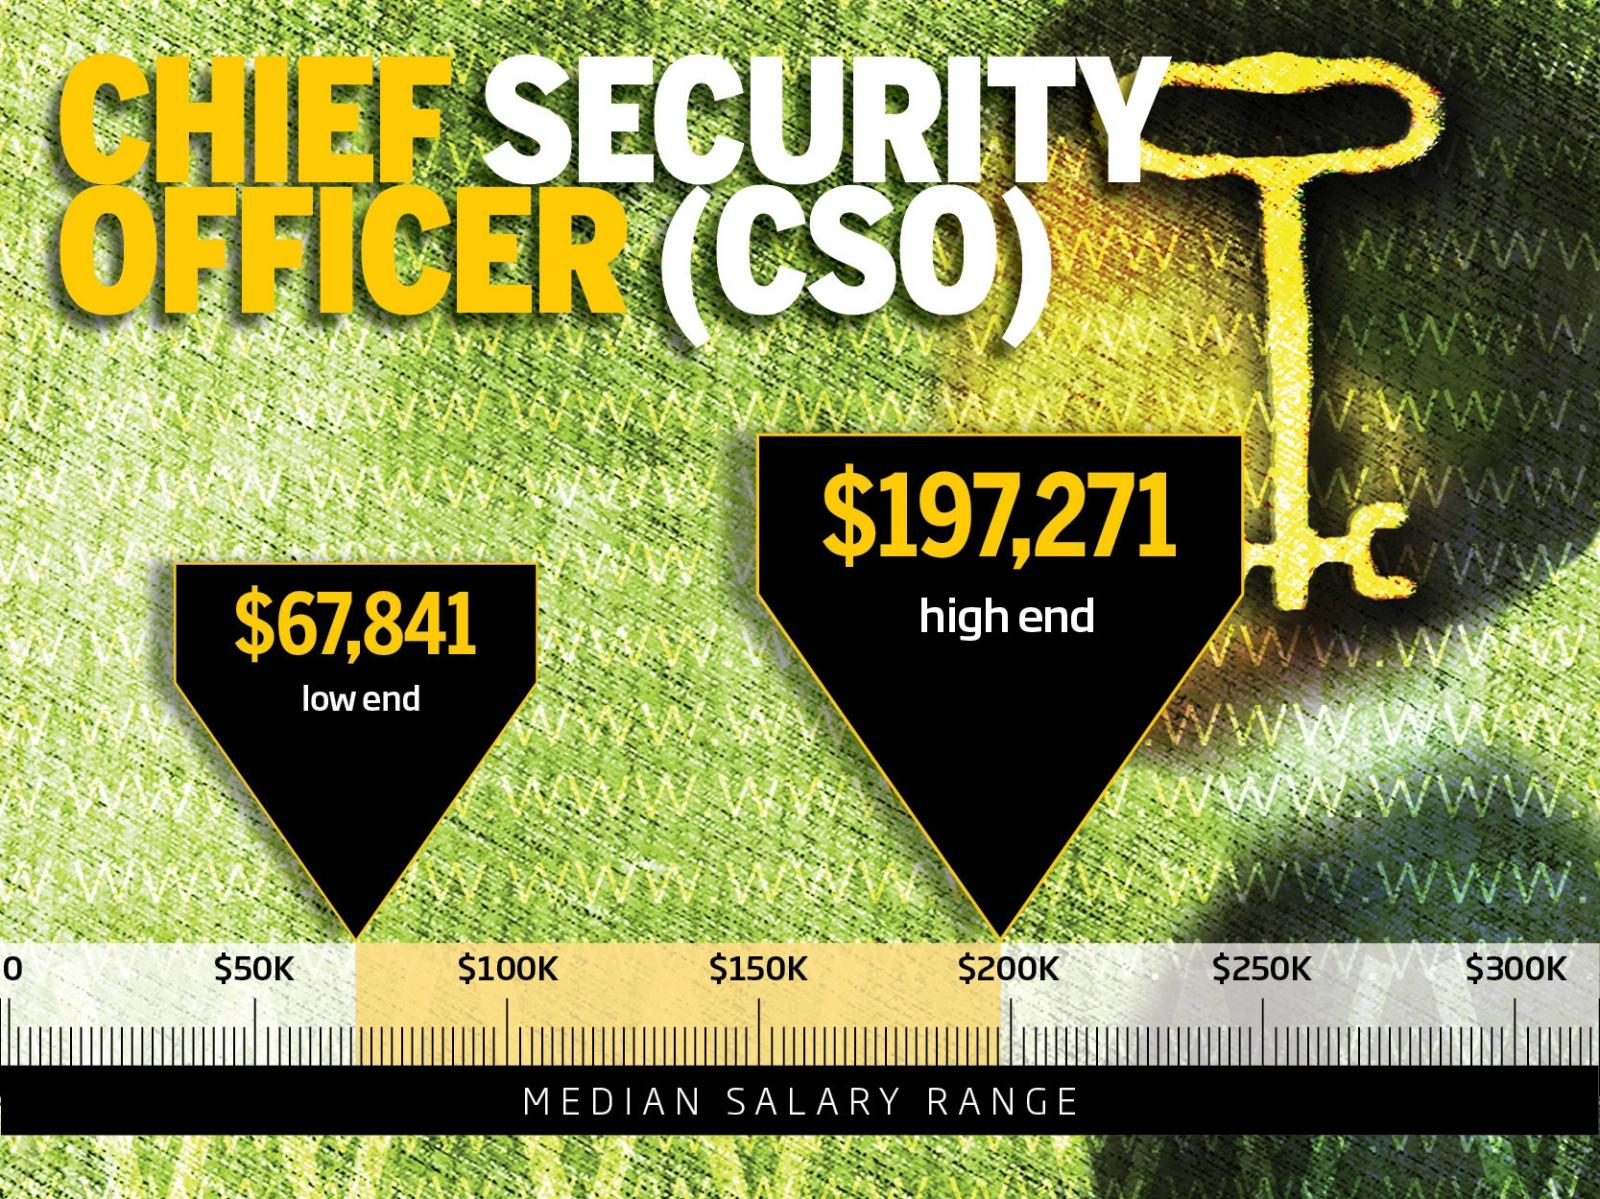 ТОП-10 самых высокооплачиваемых профессий в IT-безопасности - 3